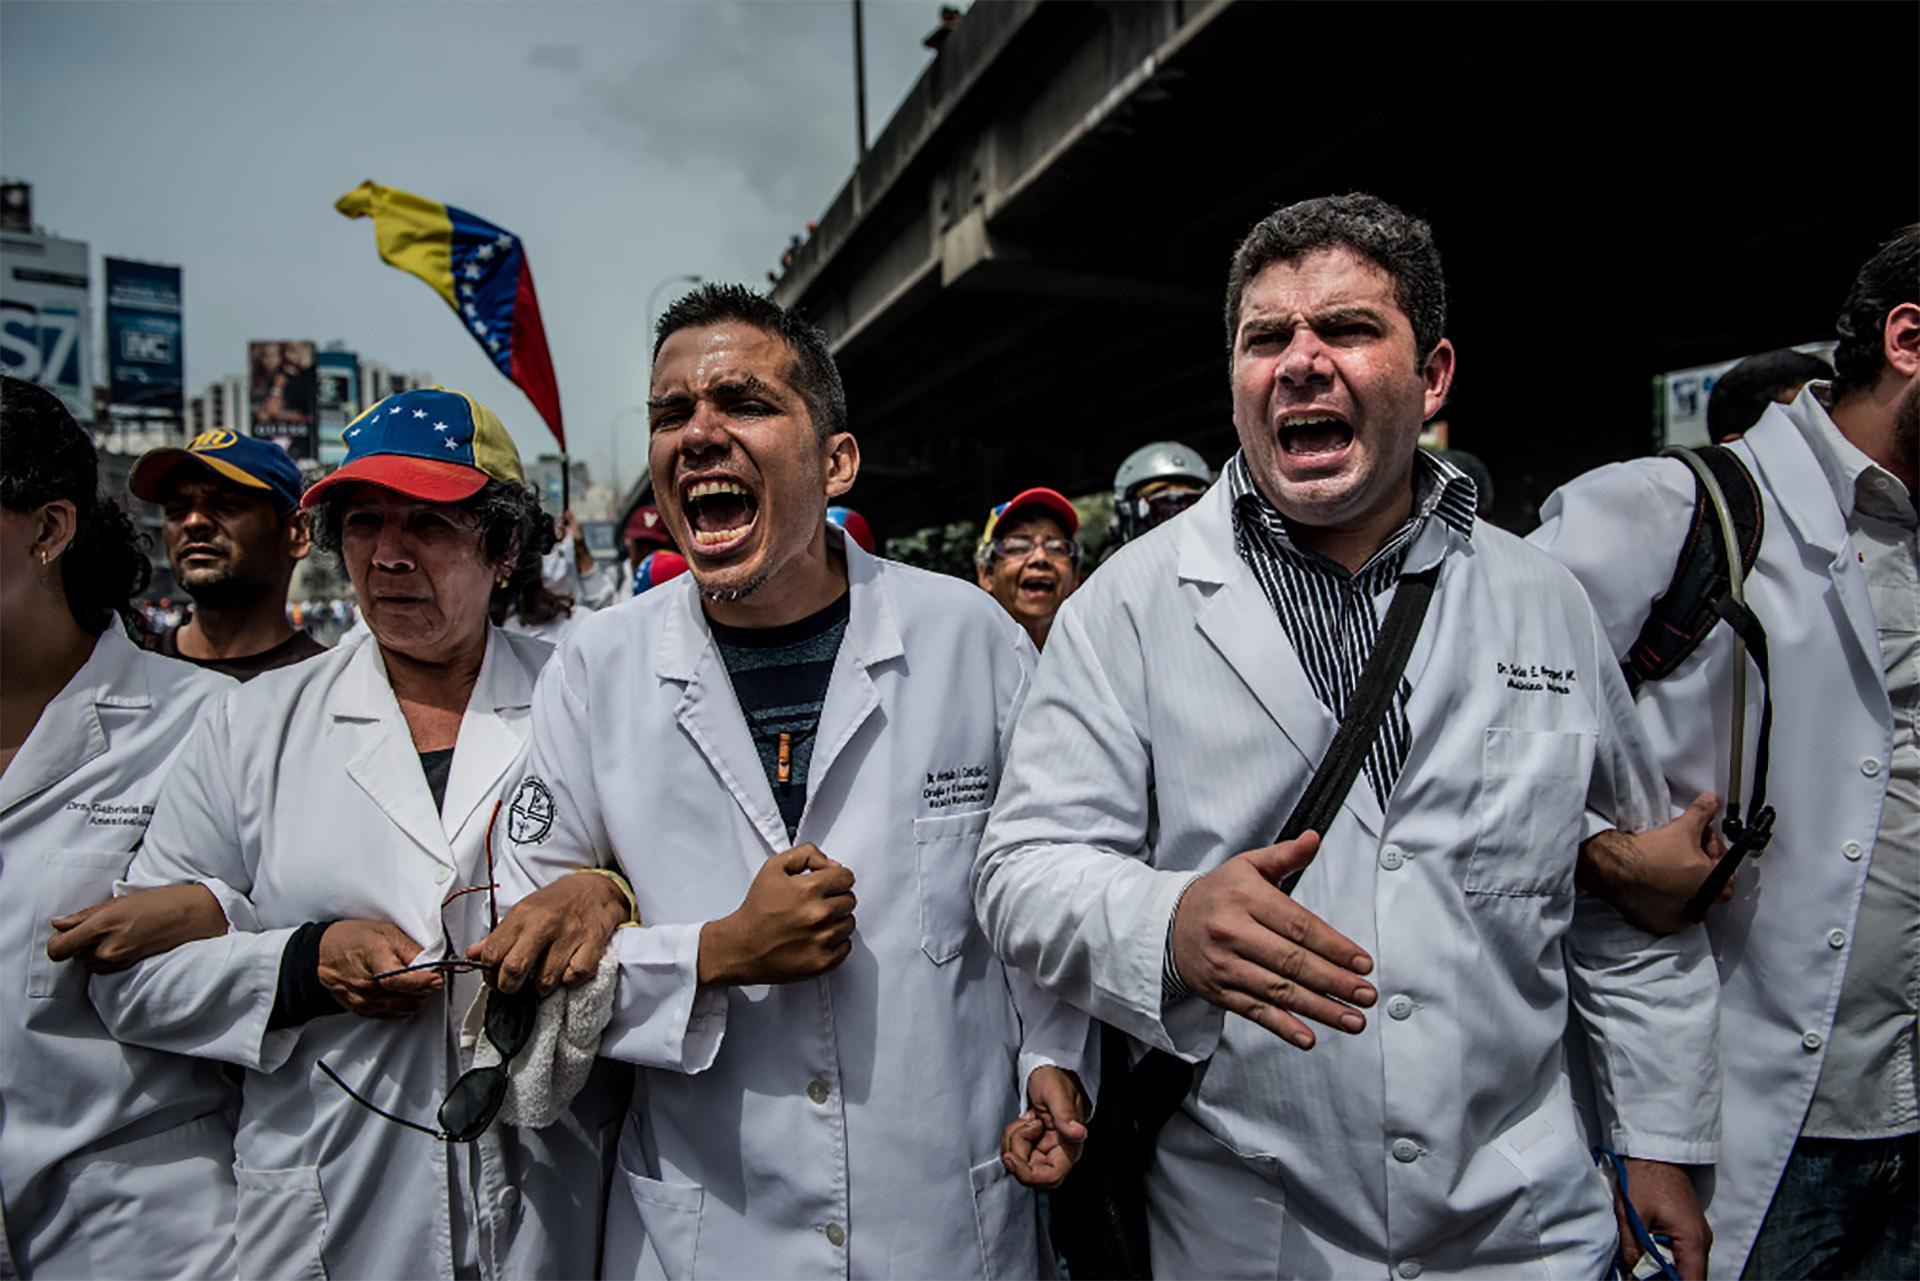 Miles de médicos marcharon en mayo en repudio a la escasez de medicamentos (Meridith Kohut for The New York Times)